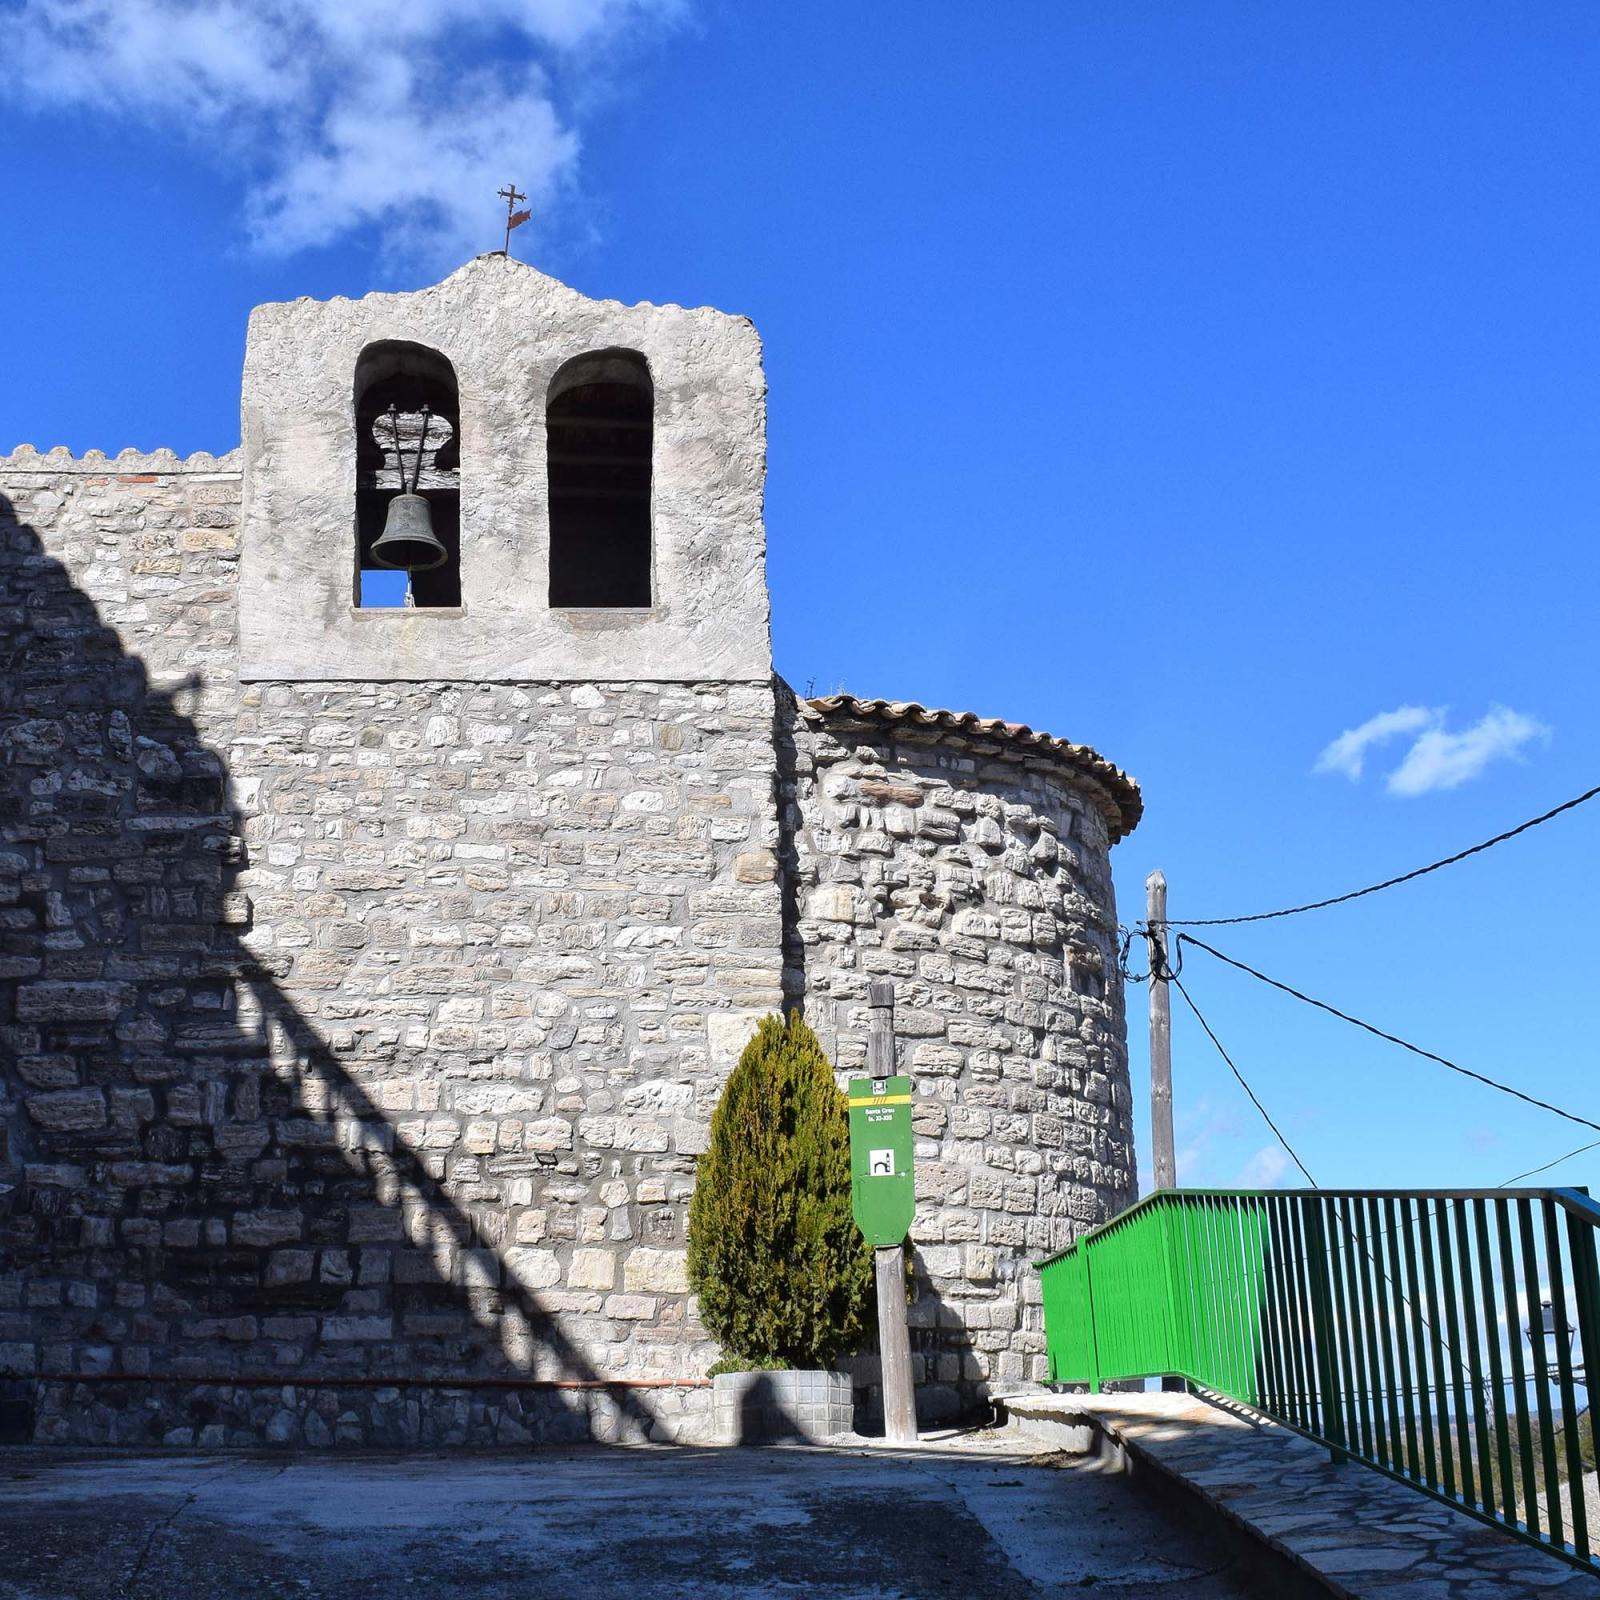 Église de Santa Creu